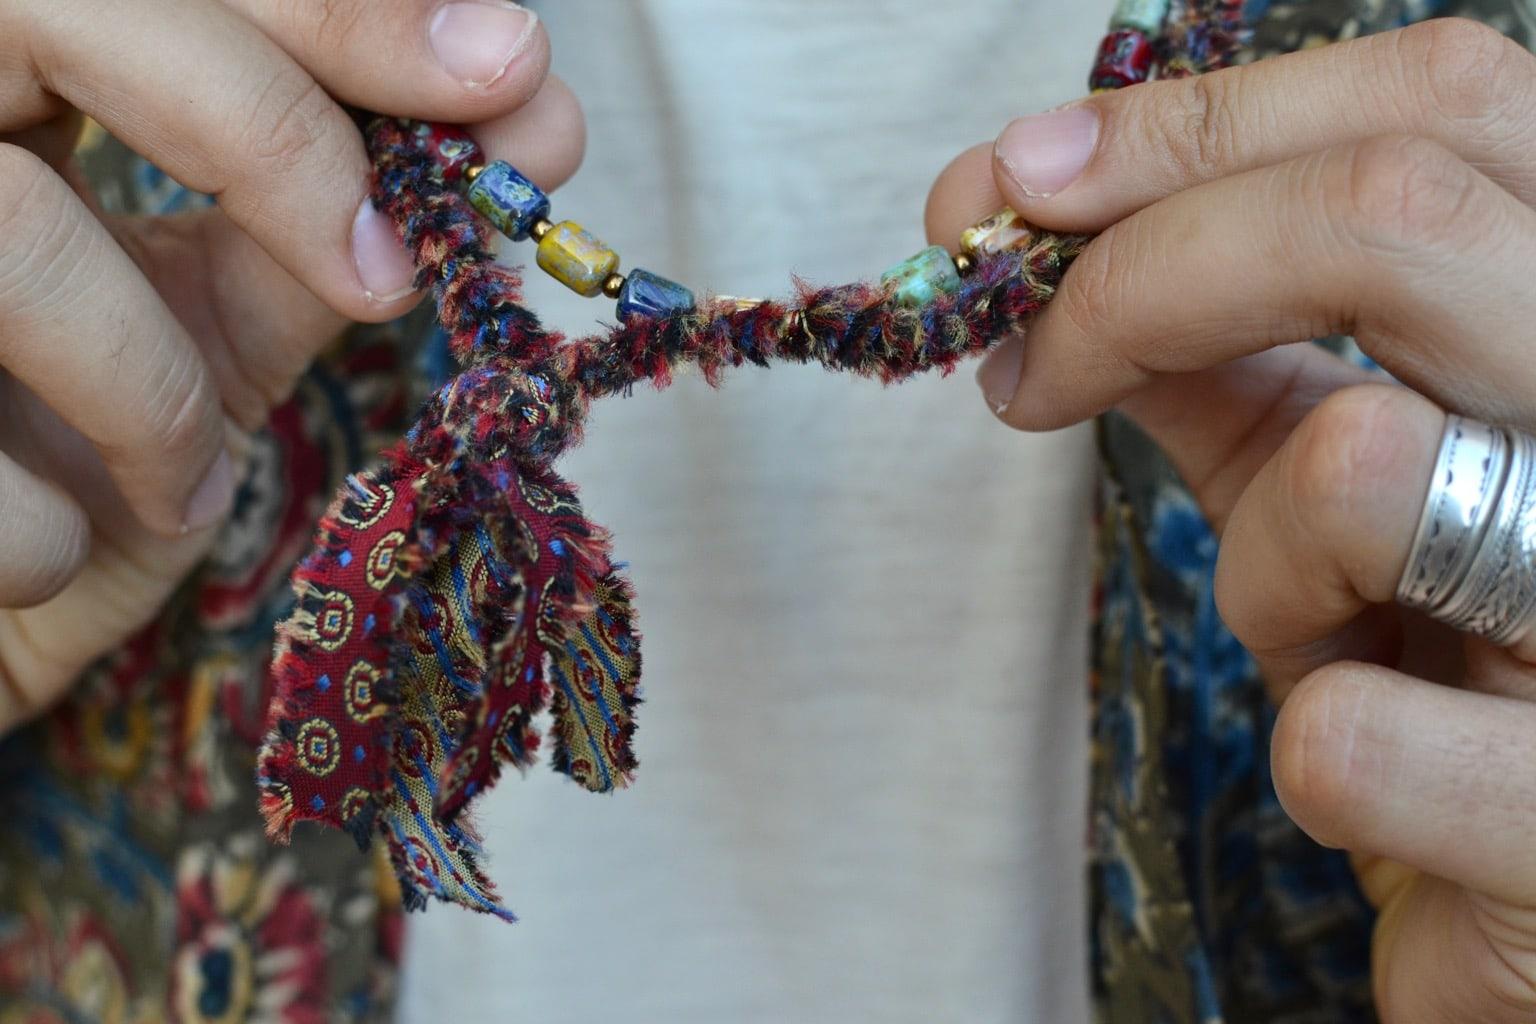 collier tissus recyclés Borali accessoire pour homme et consomamtion ethique